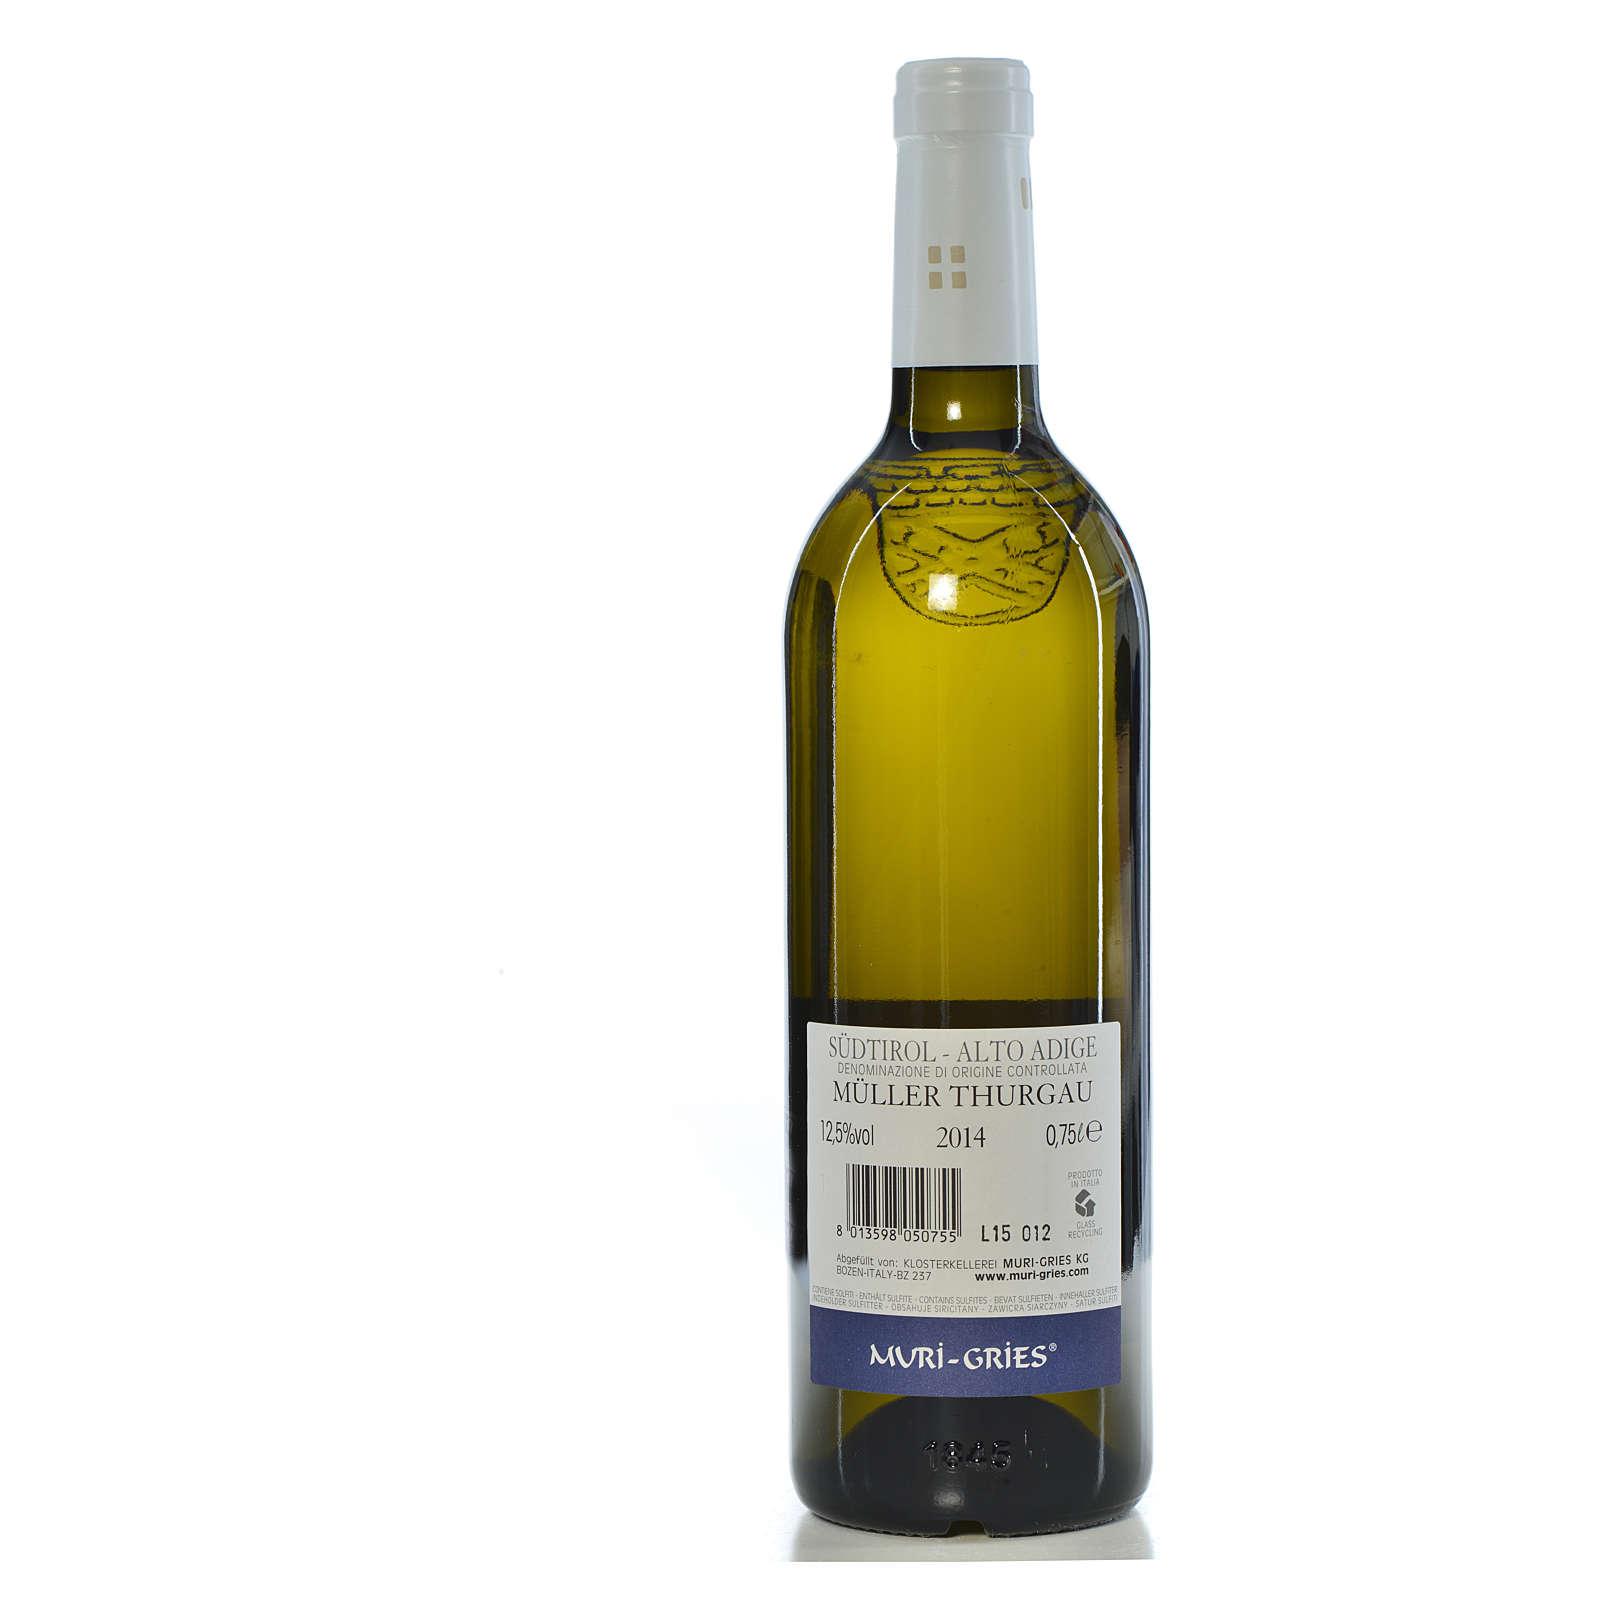 Vino Muller Thurgau DOC 2014 Abbazia Muri Gries 750 ml 3